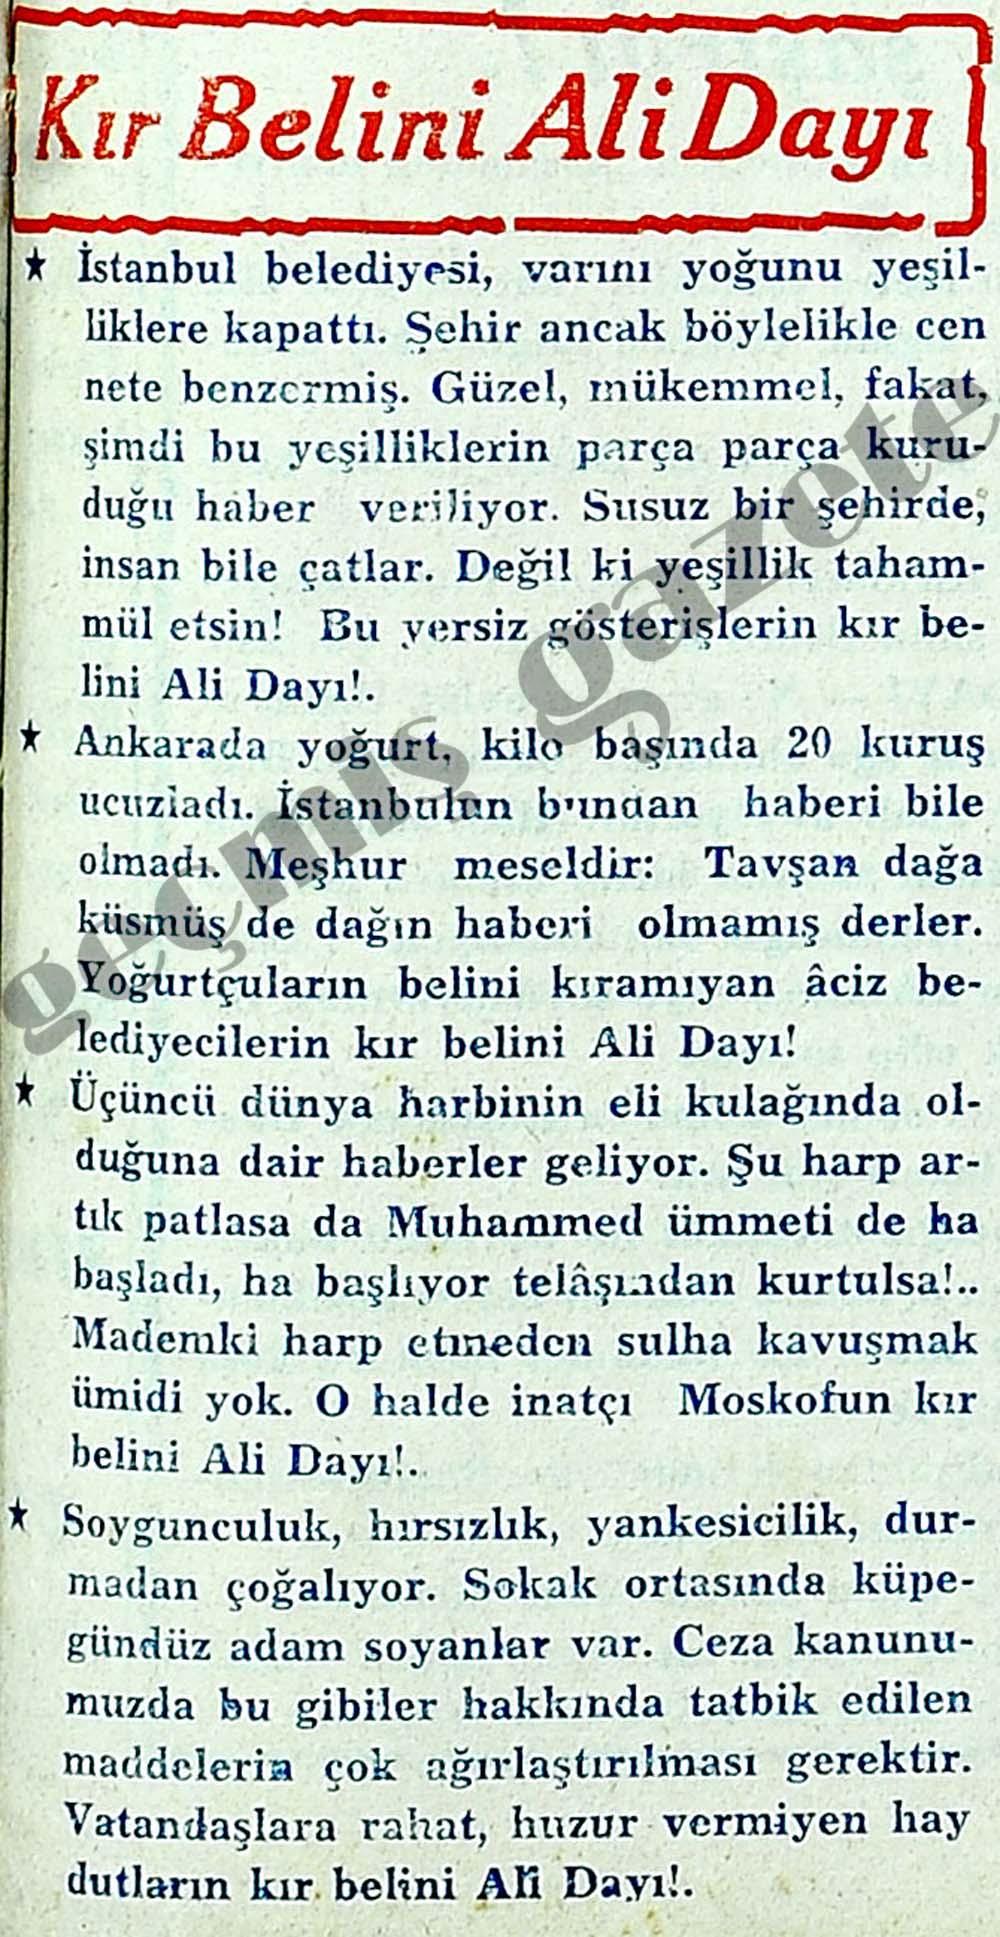 Kır Belini Ali Dayı